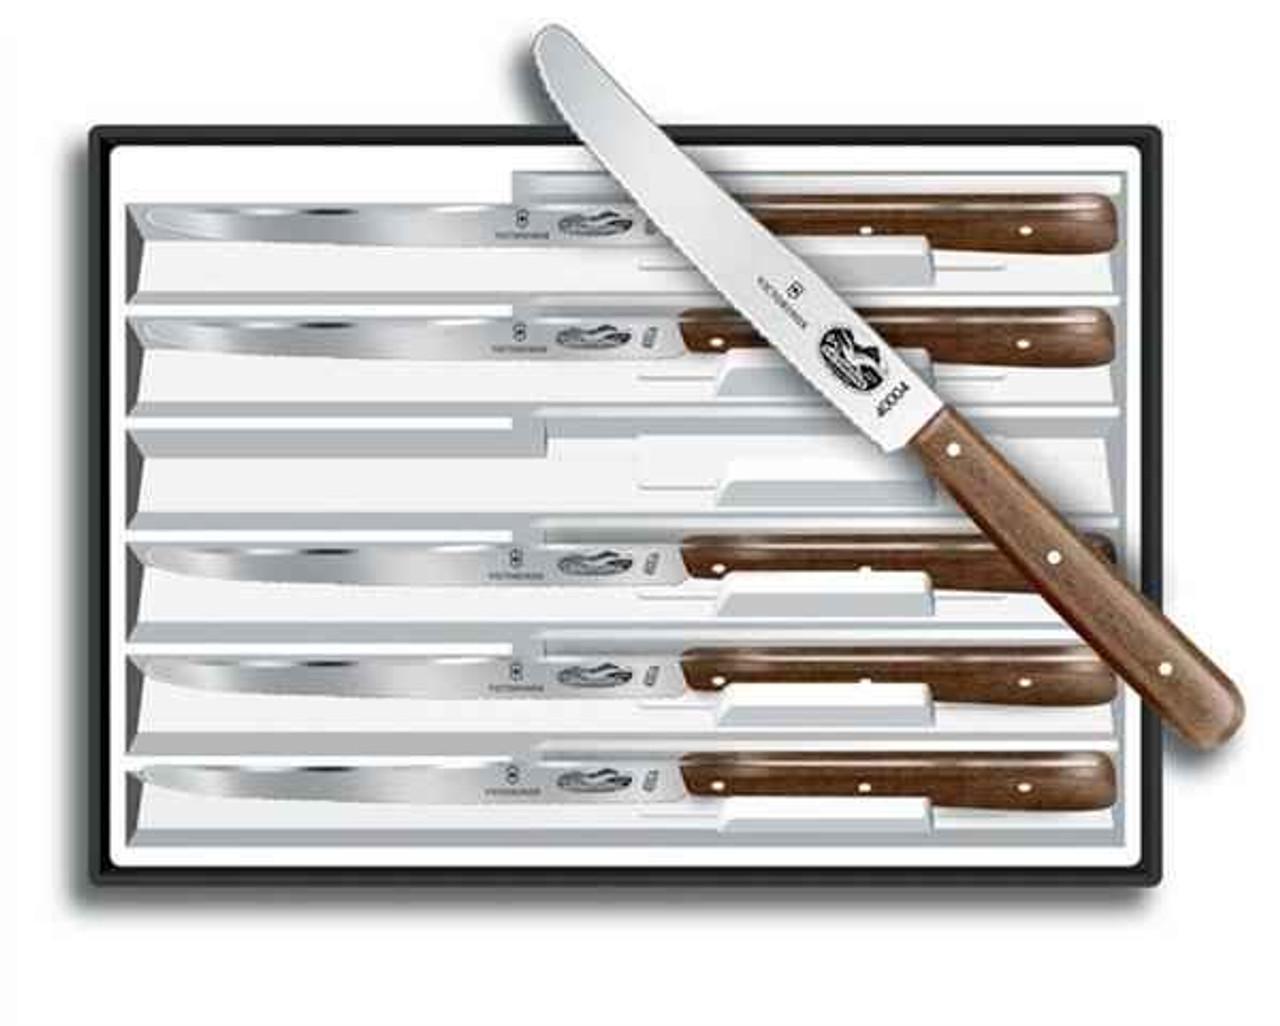 Forschner 6 Piece Steak Set, Round Tip, Wavy Edge Blade, Rosewood Handles